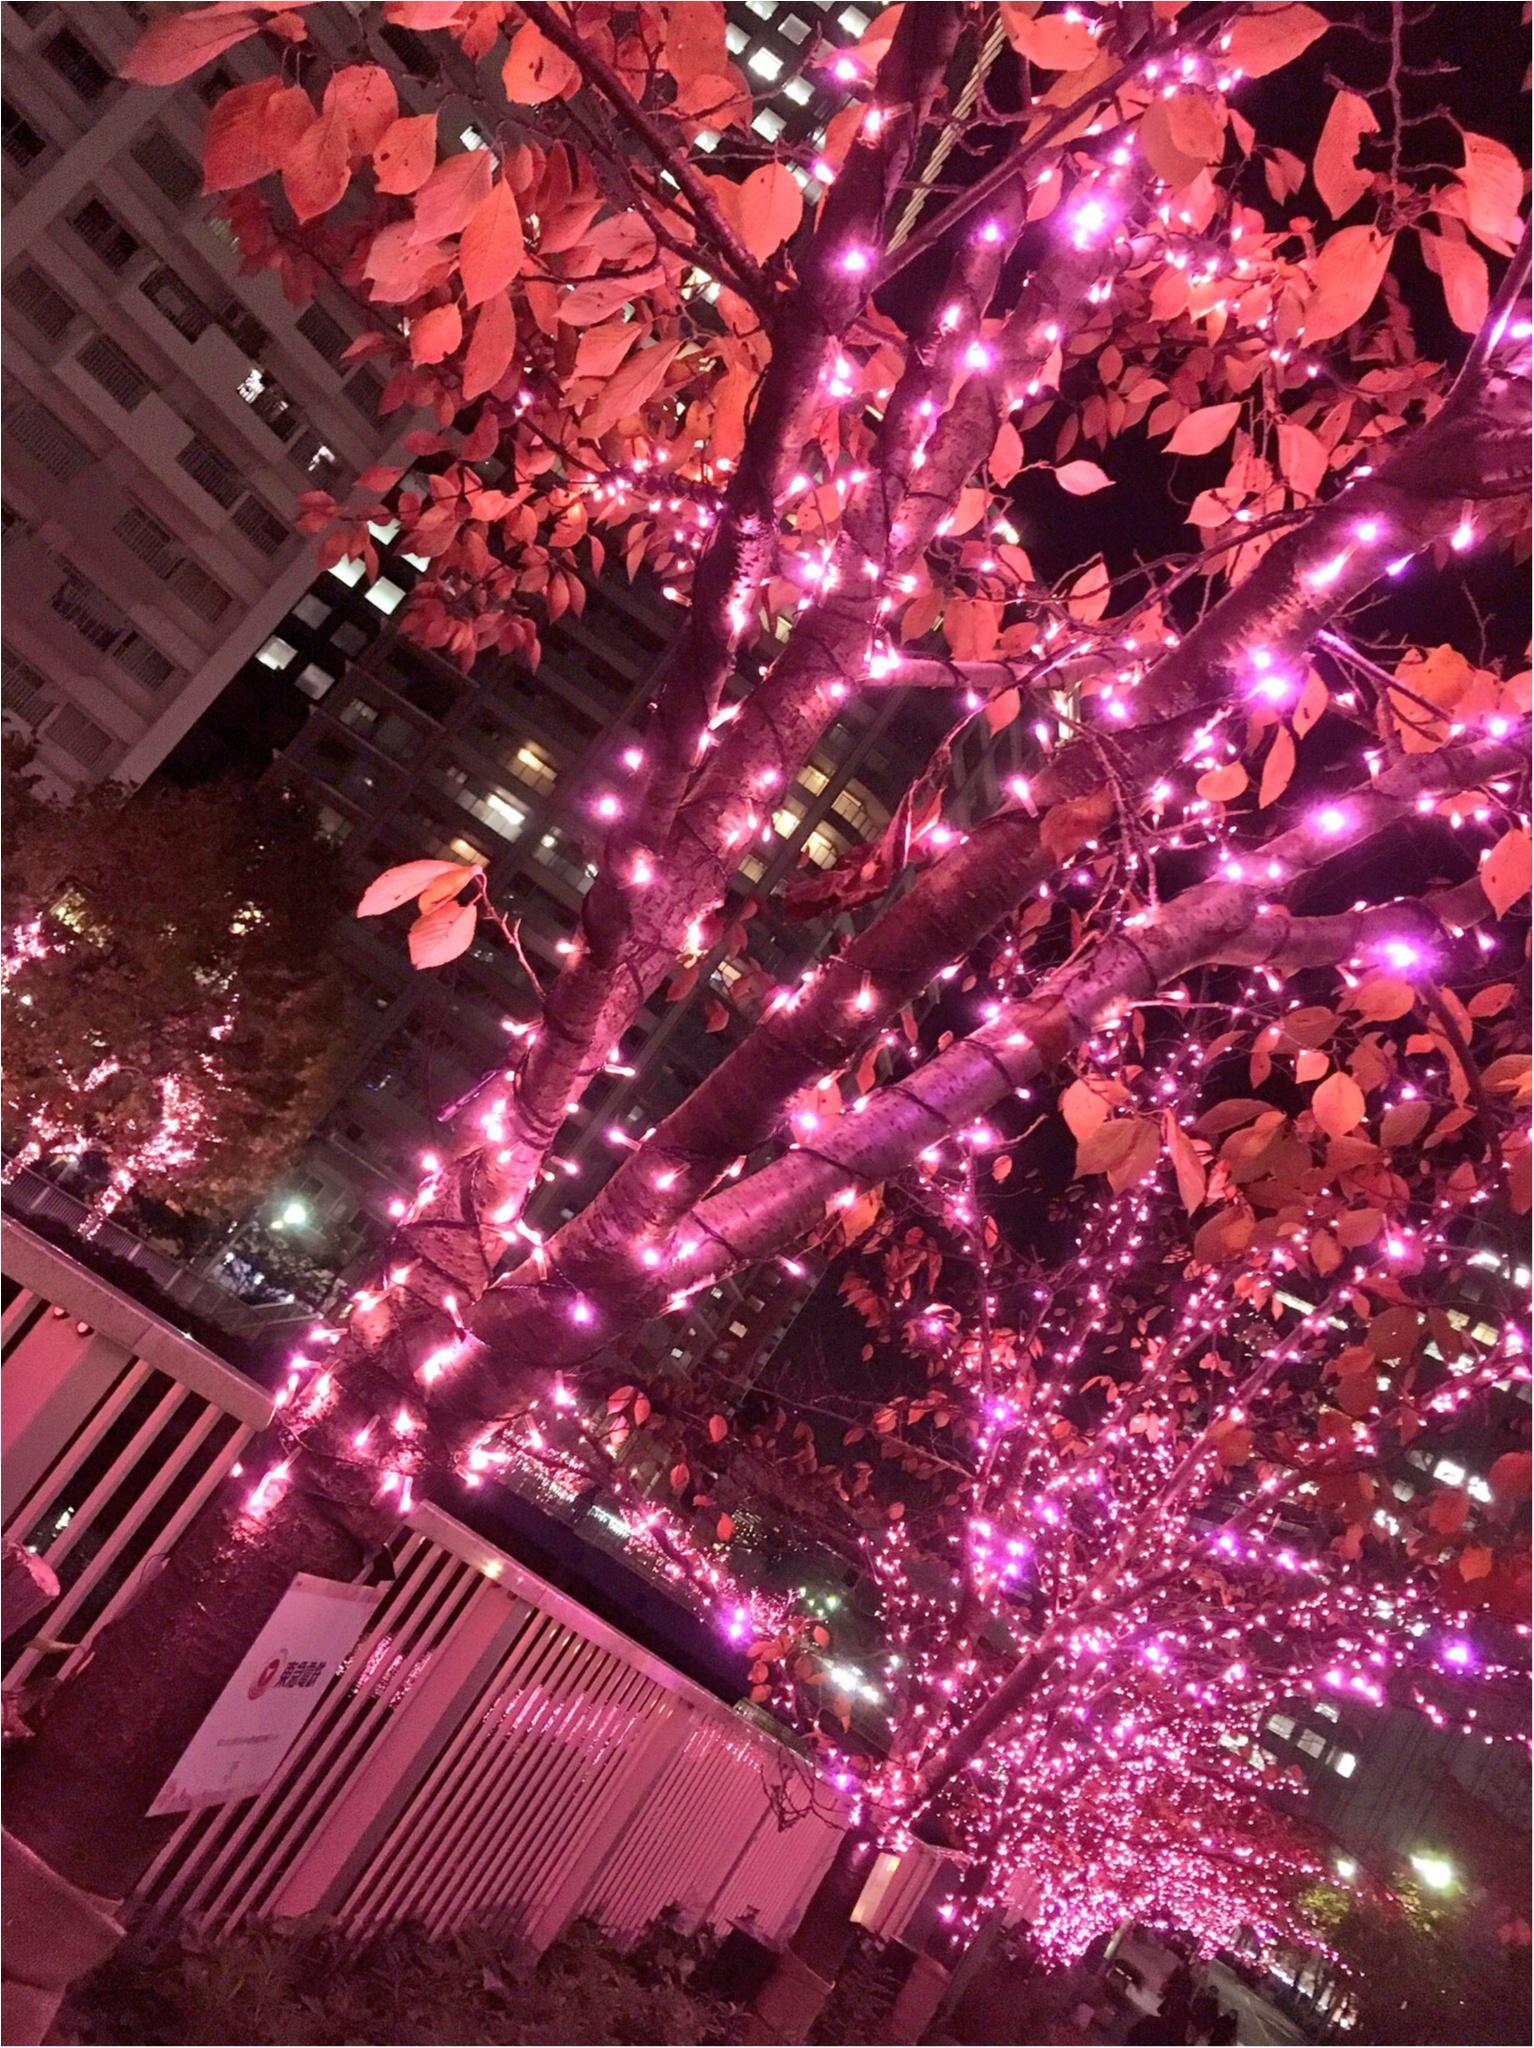 『目黒川』に『冬の桜』が咲きました(*°○°*)♡最新の『環境にやさしいイルミネーション』って???_5